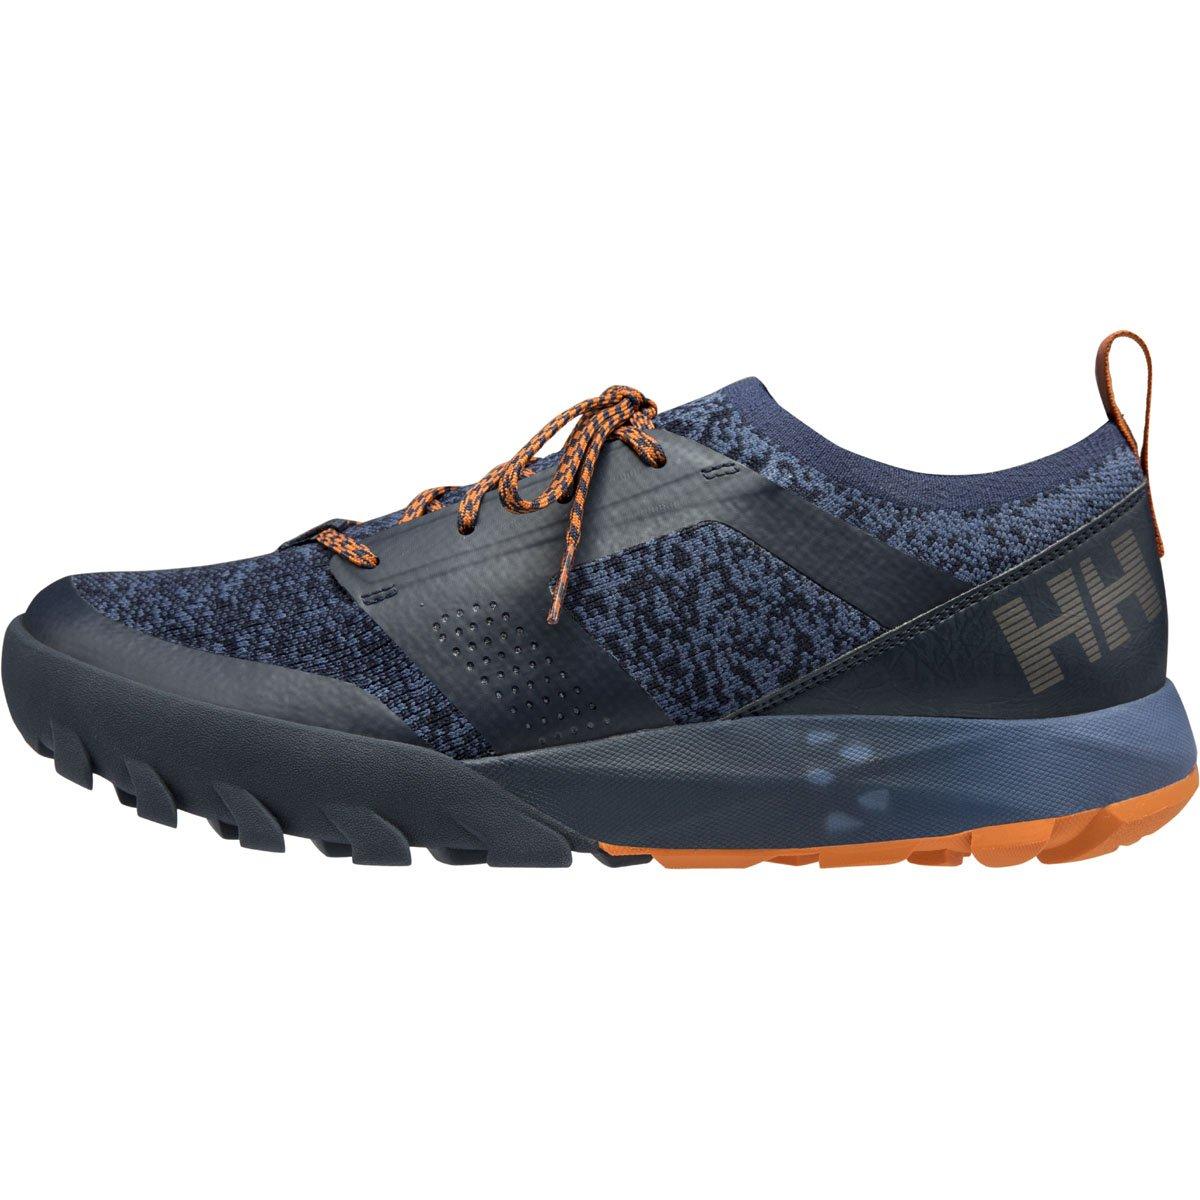 2018 Men's Loke Dash Hiking Shoe - 11404_990